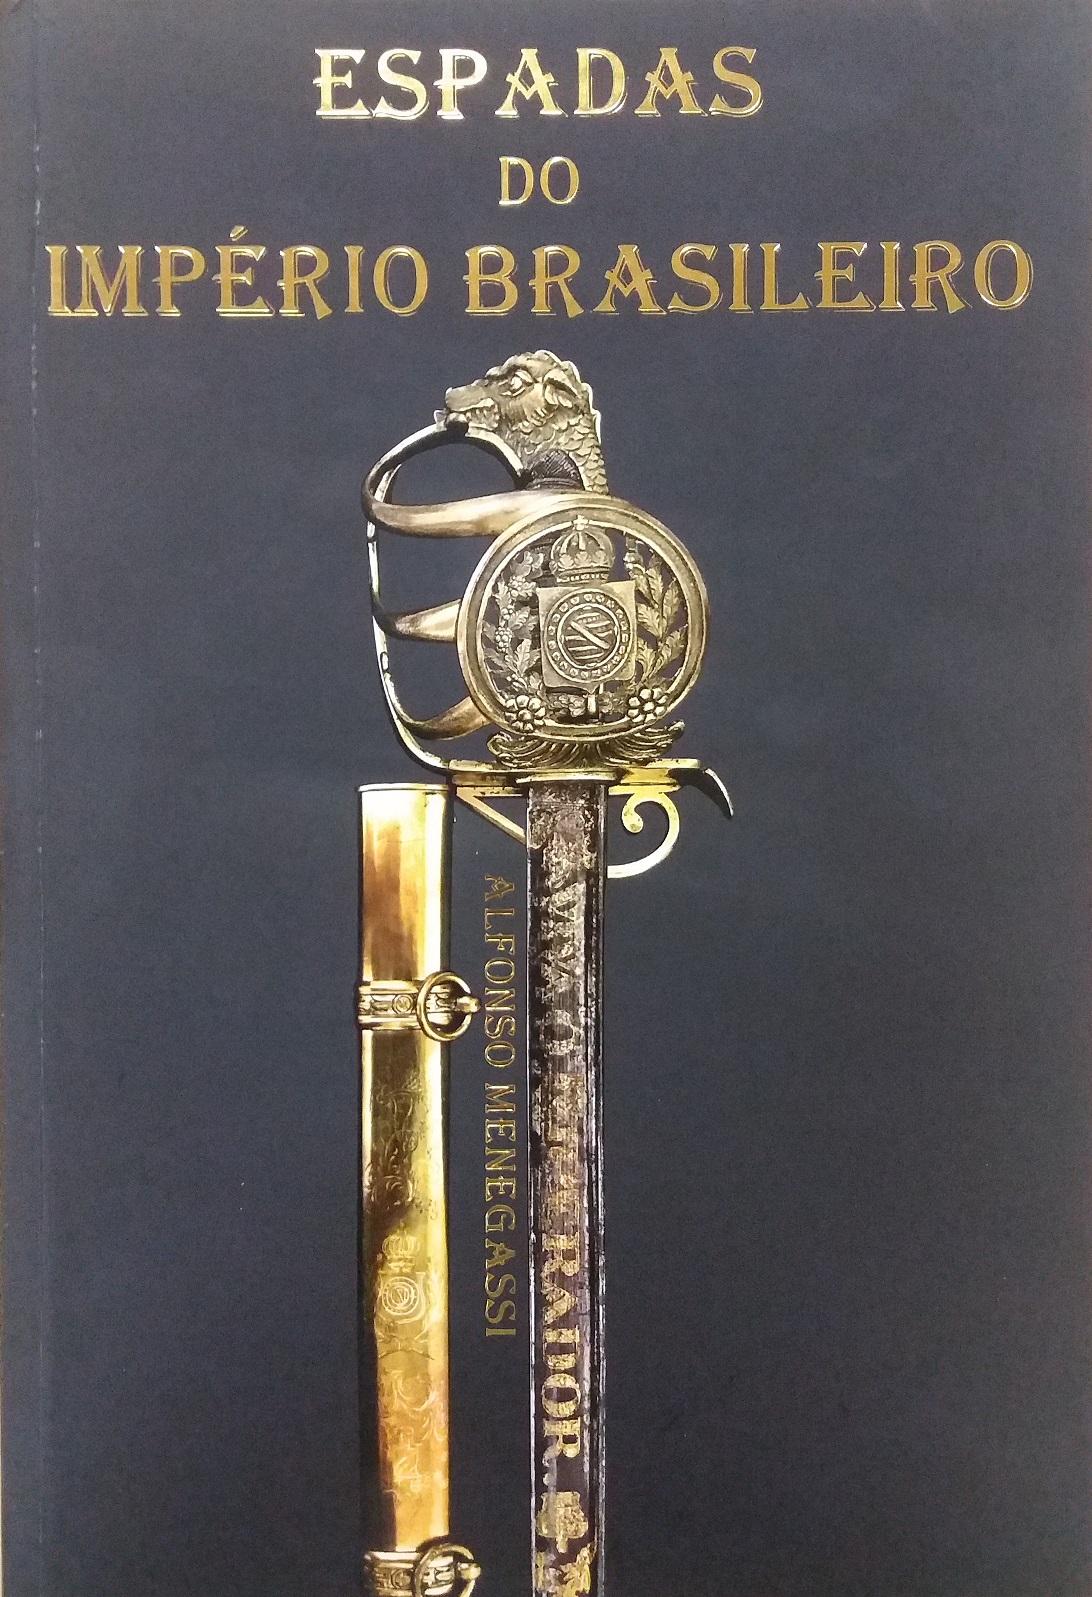 Livro desvenda o tema das espadas no império brasileiro (1822 a 1889)